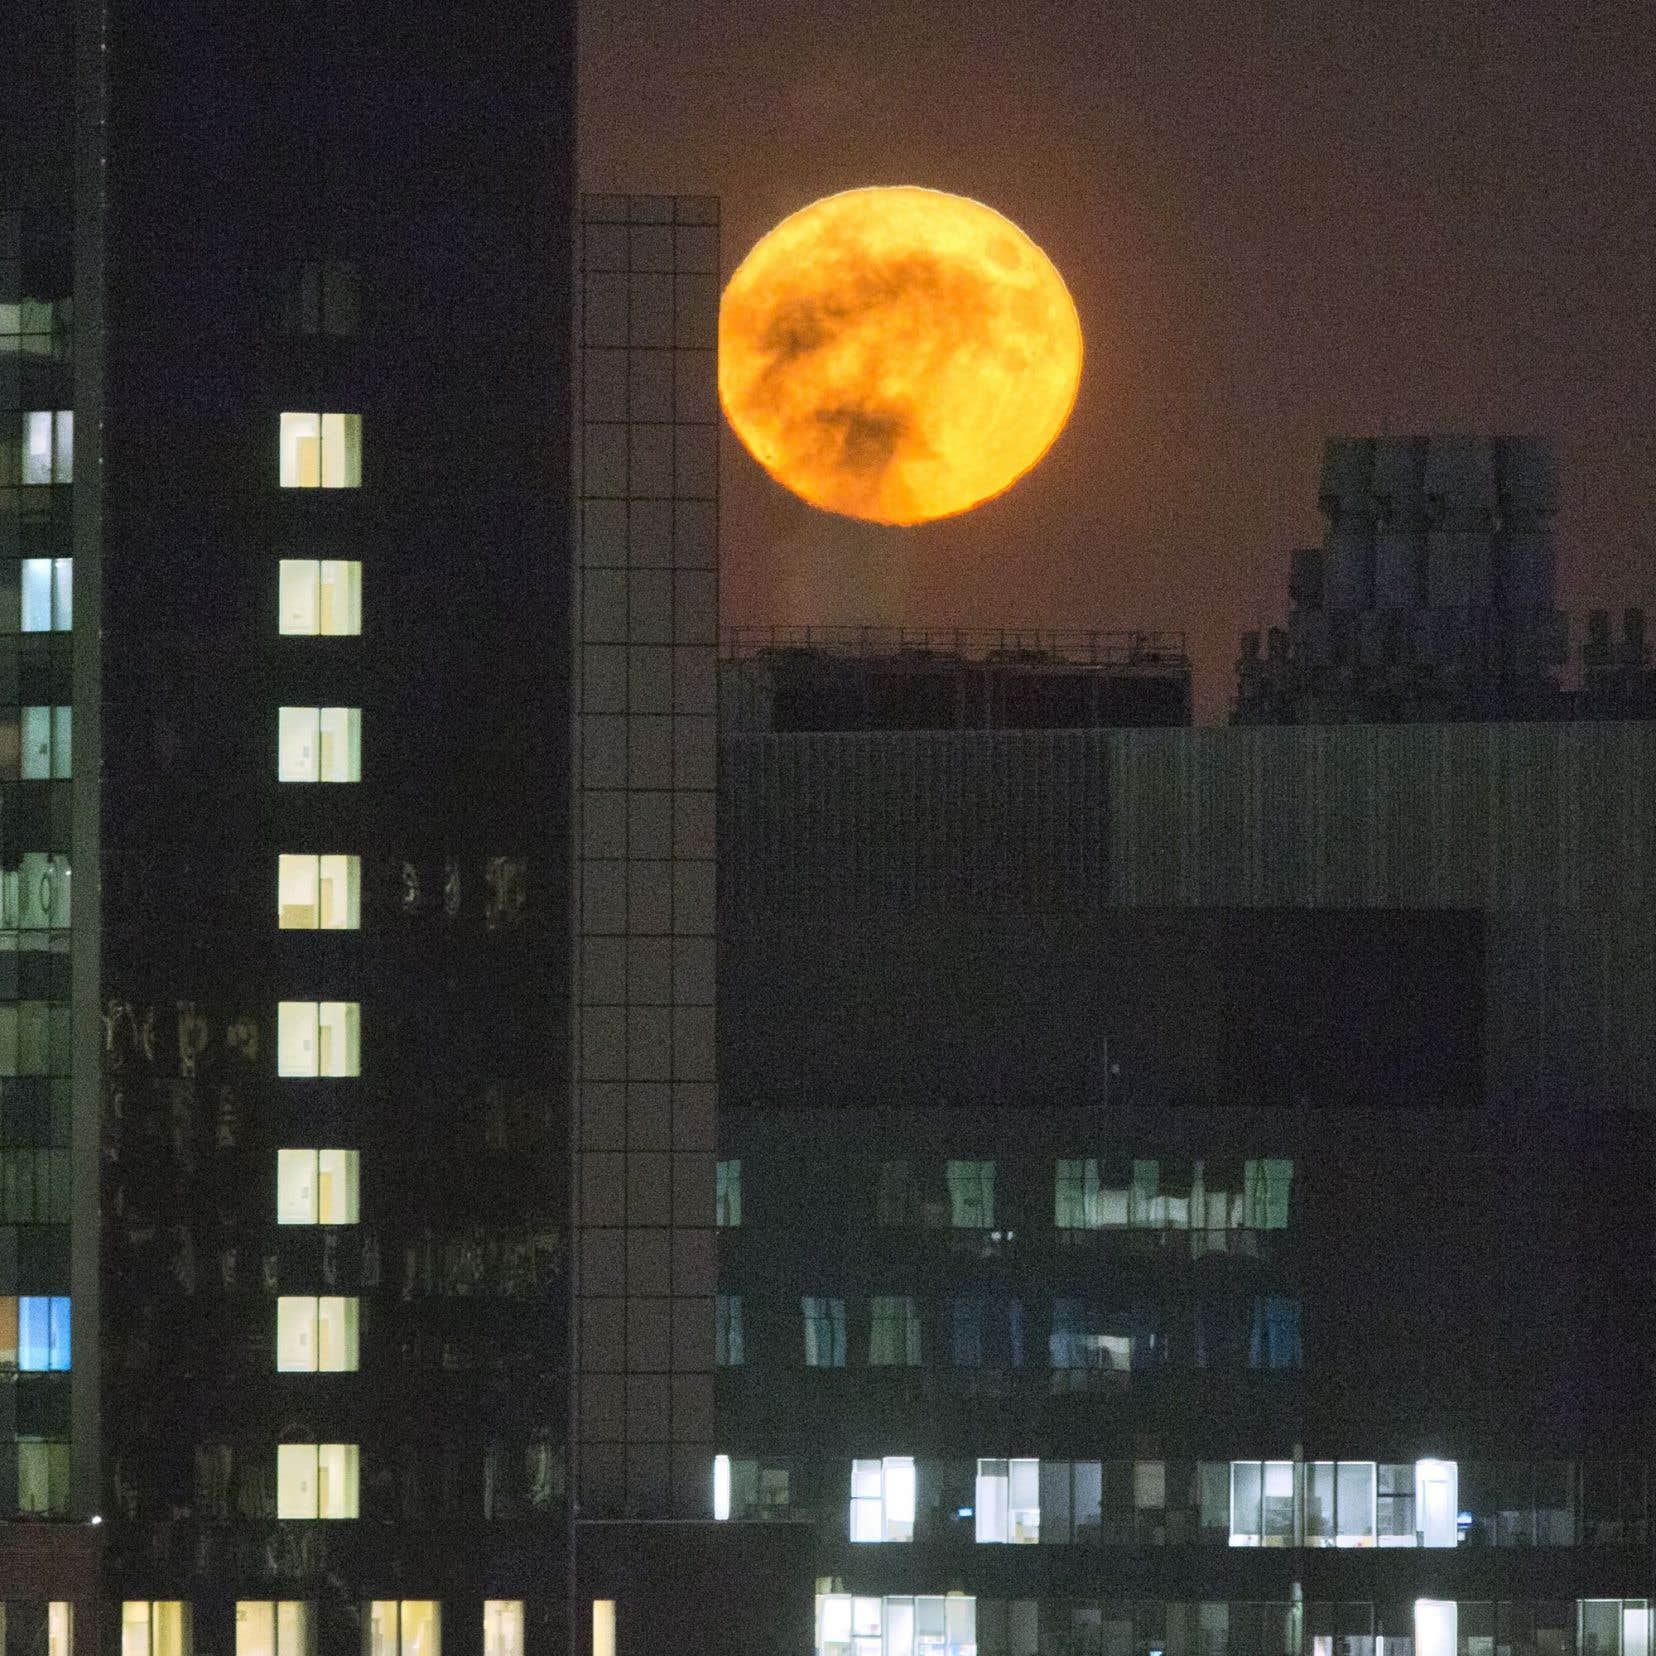 La «super lune» vue depuis le centre-ville de Montréal